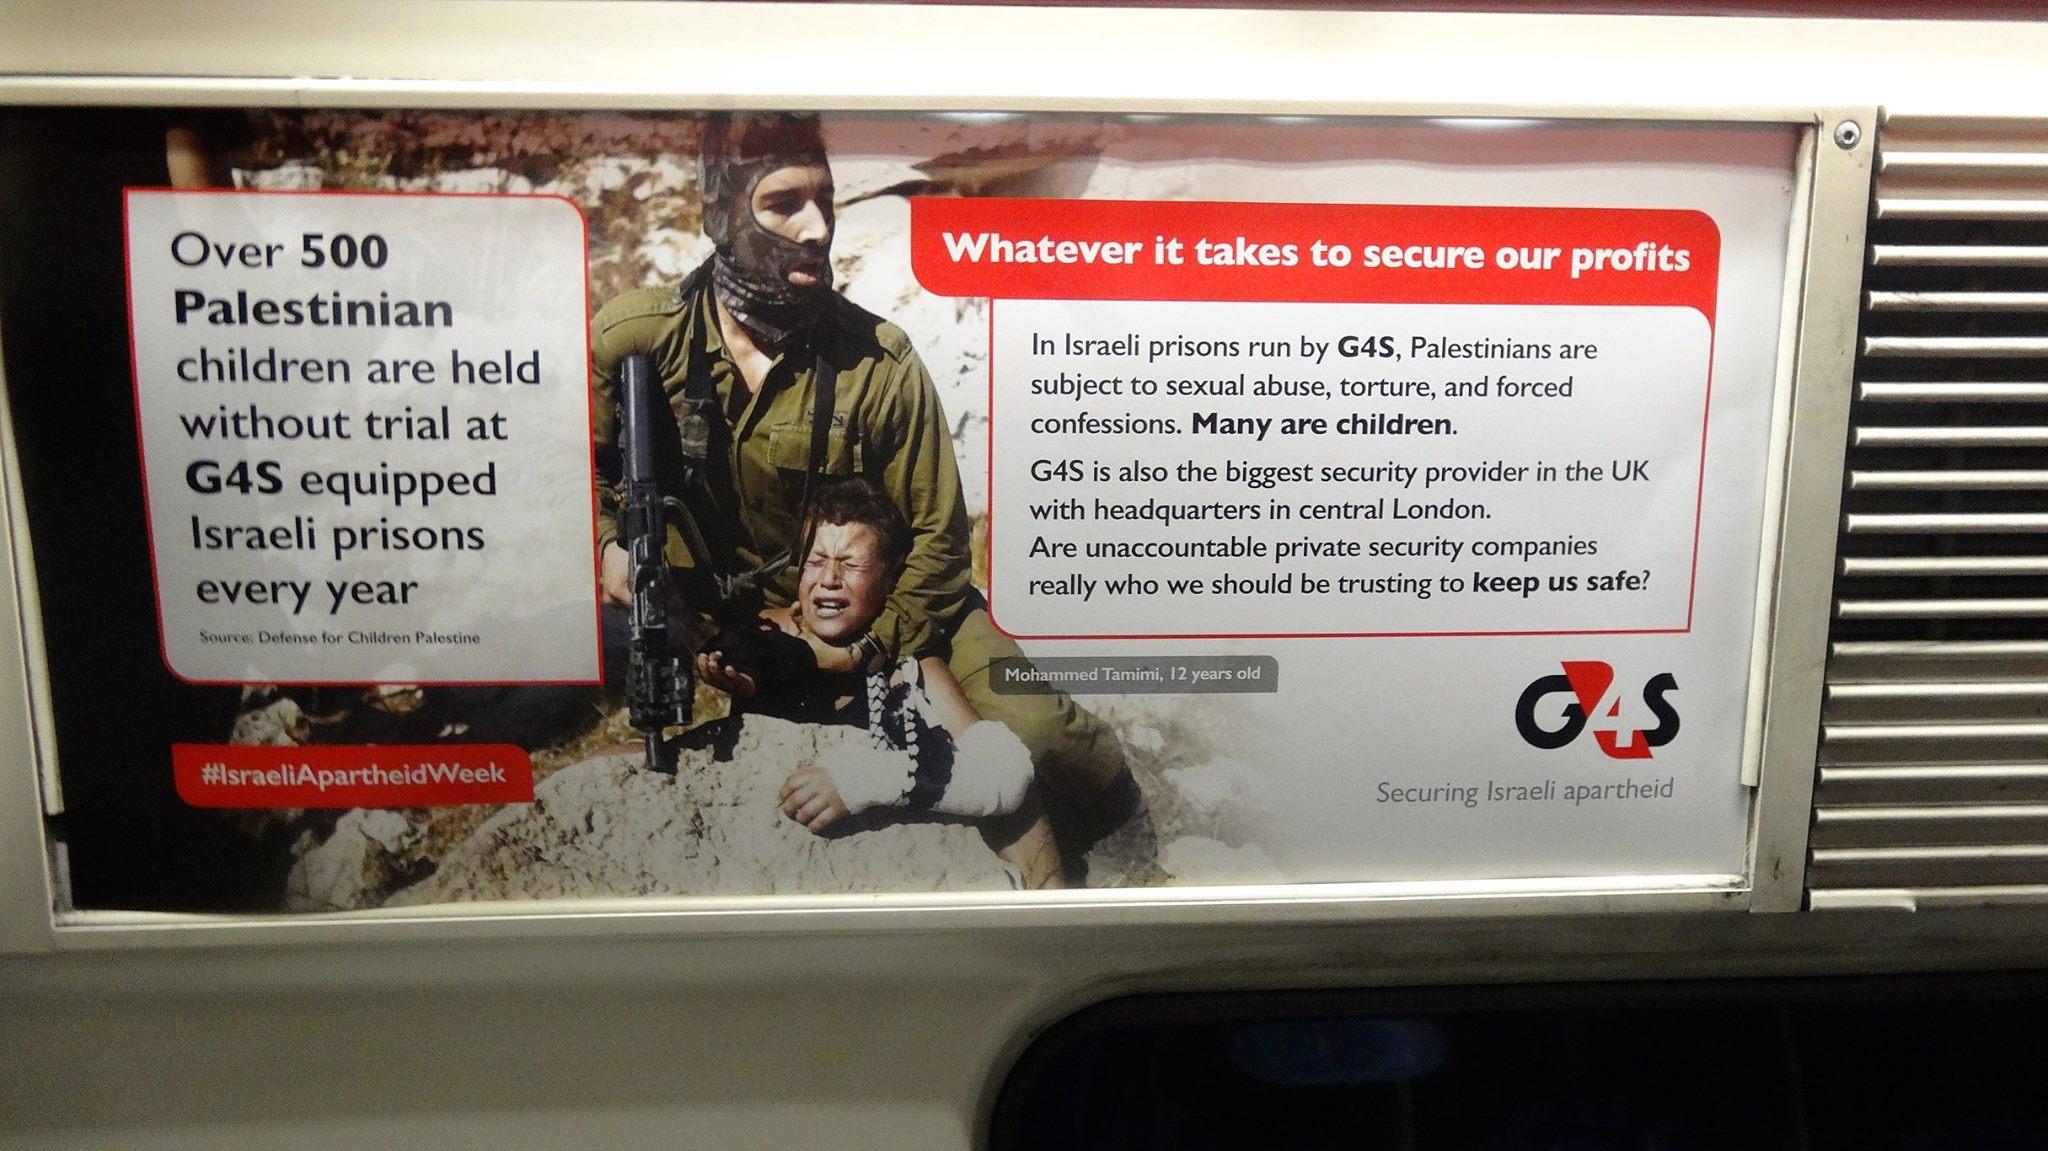 G4S Israeli Apartheid